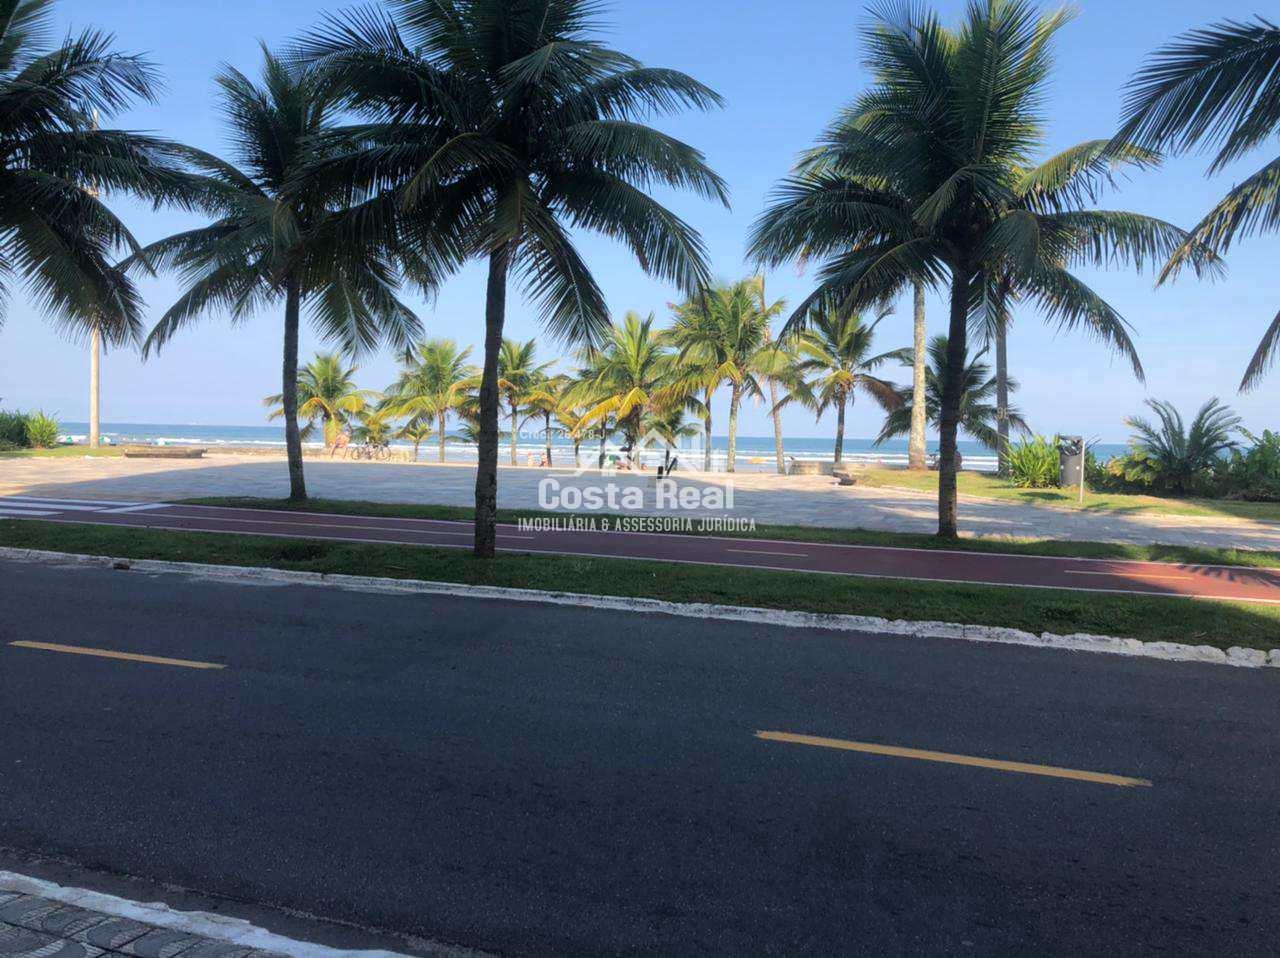 Oportunidade!! Prédio frente ao mar, e com área de lazer.